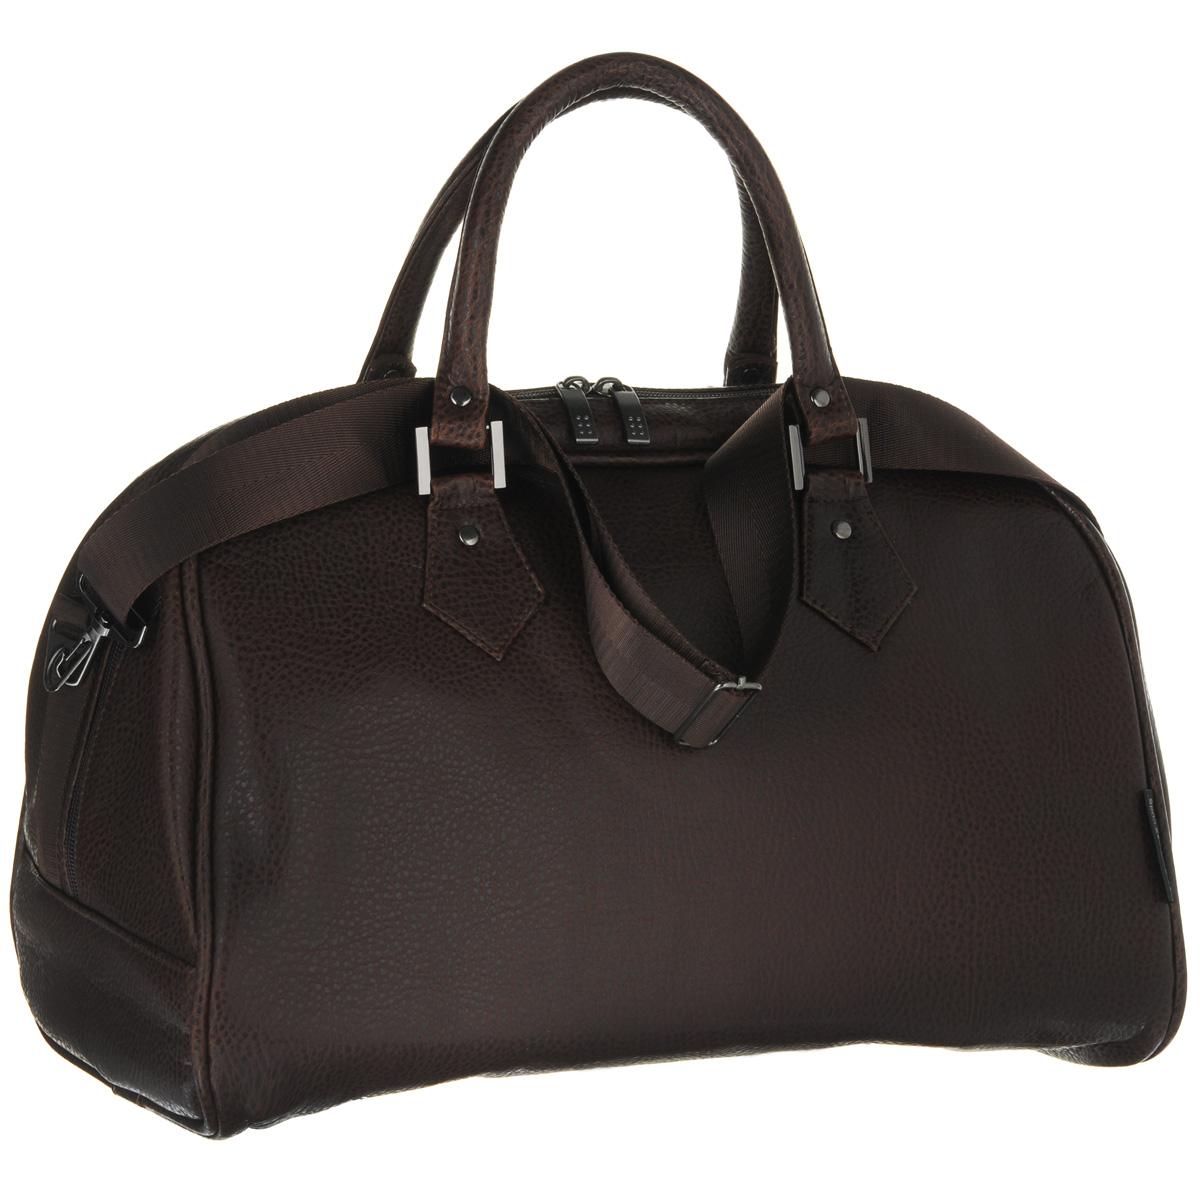 Сумка дорожная Antan, цвет: коричневый. 2-137 В2-137 ВДорожная сумка Antan выполнена из фактурной искусственной кожи. Удобные ручки крепятся к корпусу сумки при помощи металлической фурнитуры. Изделие закрывается на удобную застежку-молнию с двумя бегунками. Вместительное внутреннее отделение дополнено врезным карманом на застежке-молнии. В комплекте с сумкой - съемный регулируемый плечевой ремень. Стильная дорожная сумка не только дополнит ваш образ, но и отлично подойдет для дальних поездок. В ней вы сможете оптимально распределить все необходимые вещи.